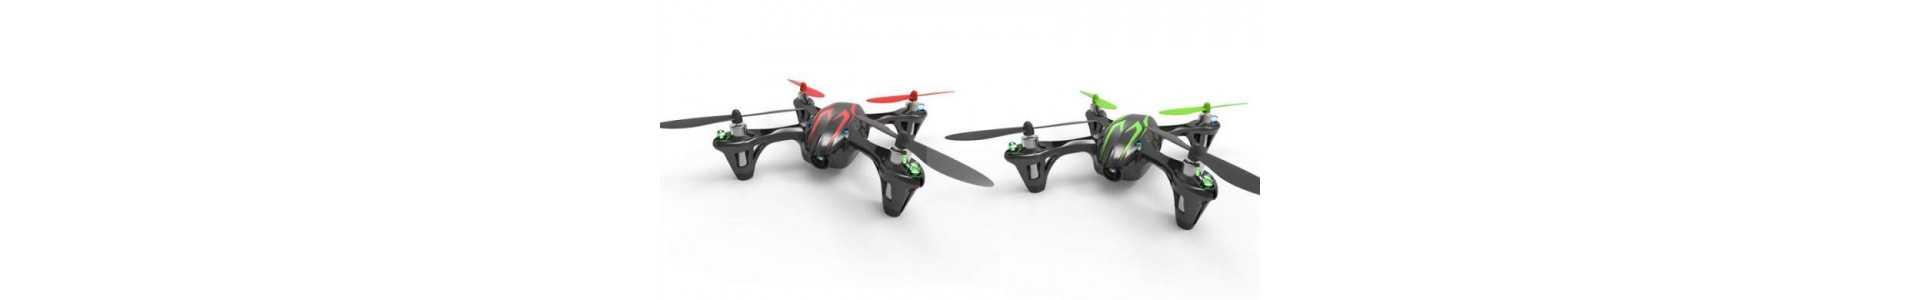 Droni multi rotori